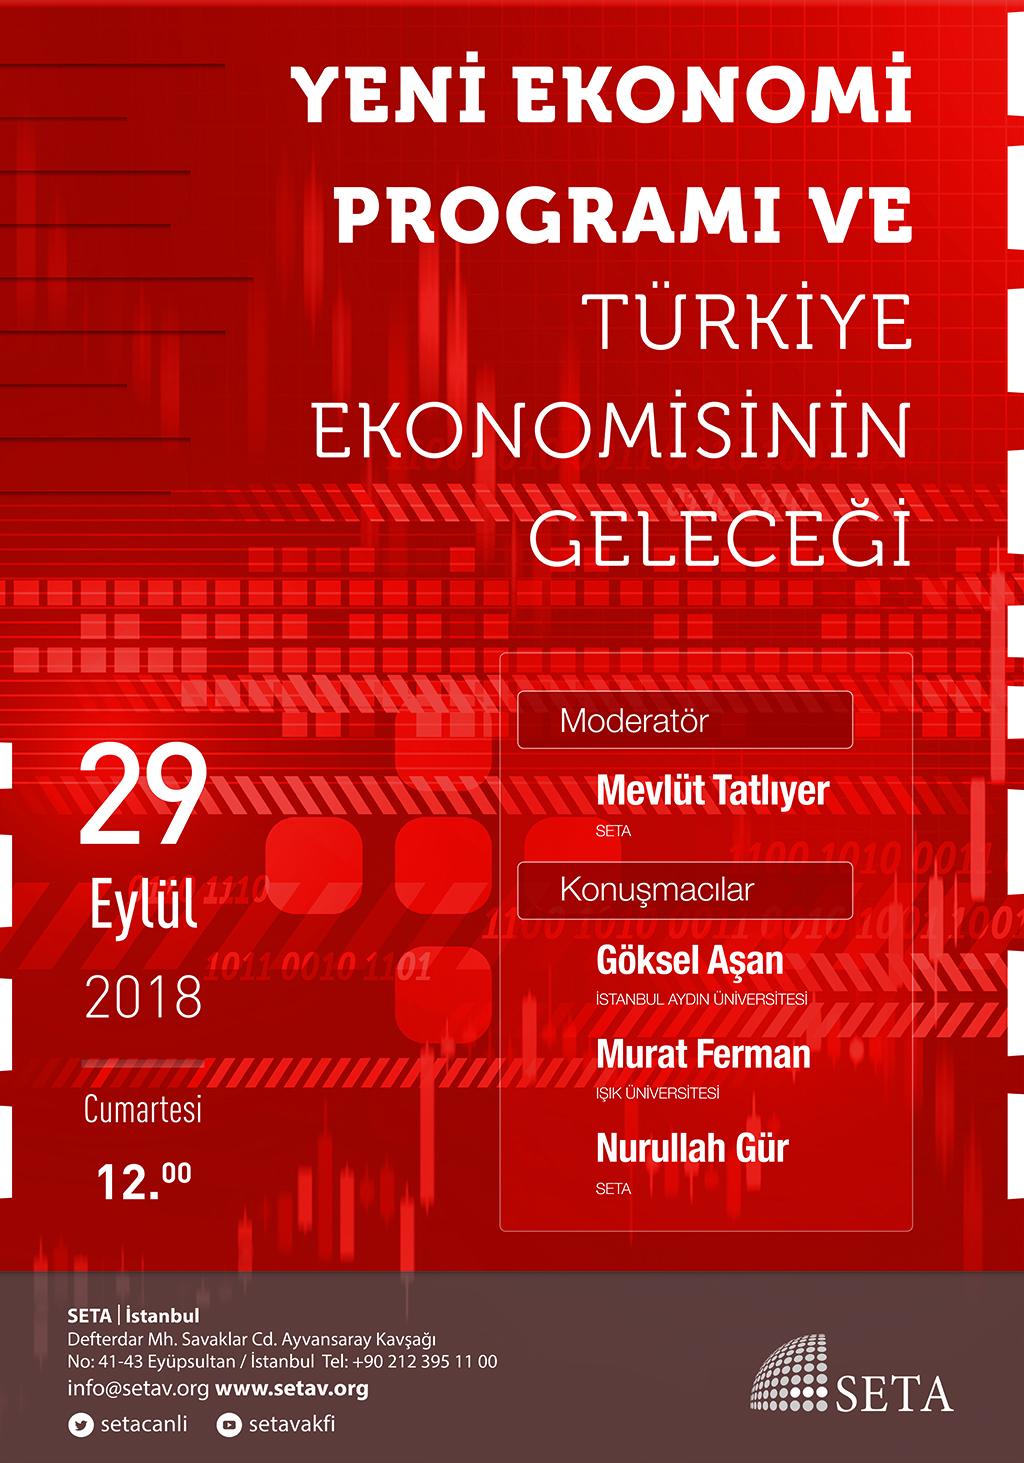 Panel: Yeni Ekonomi Programı Ve Türkiye Ekonomisinin Geleceği